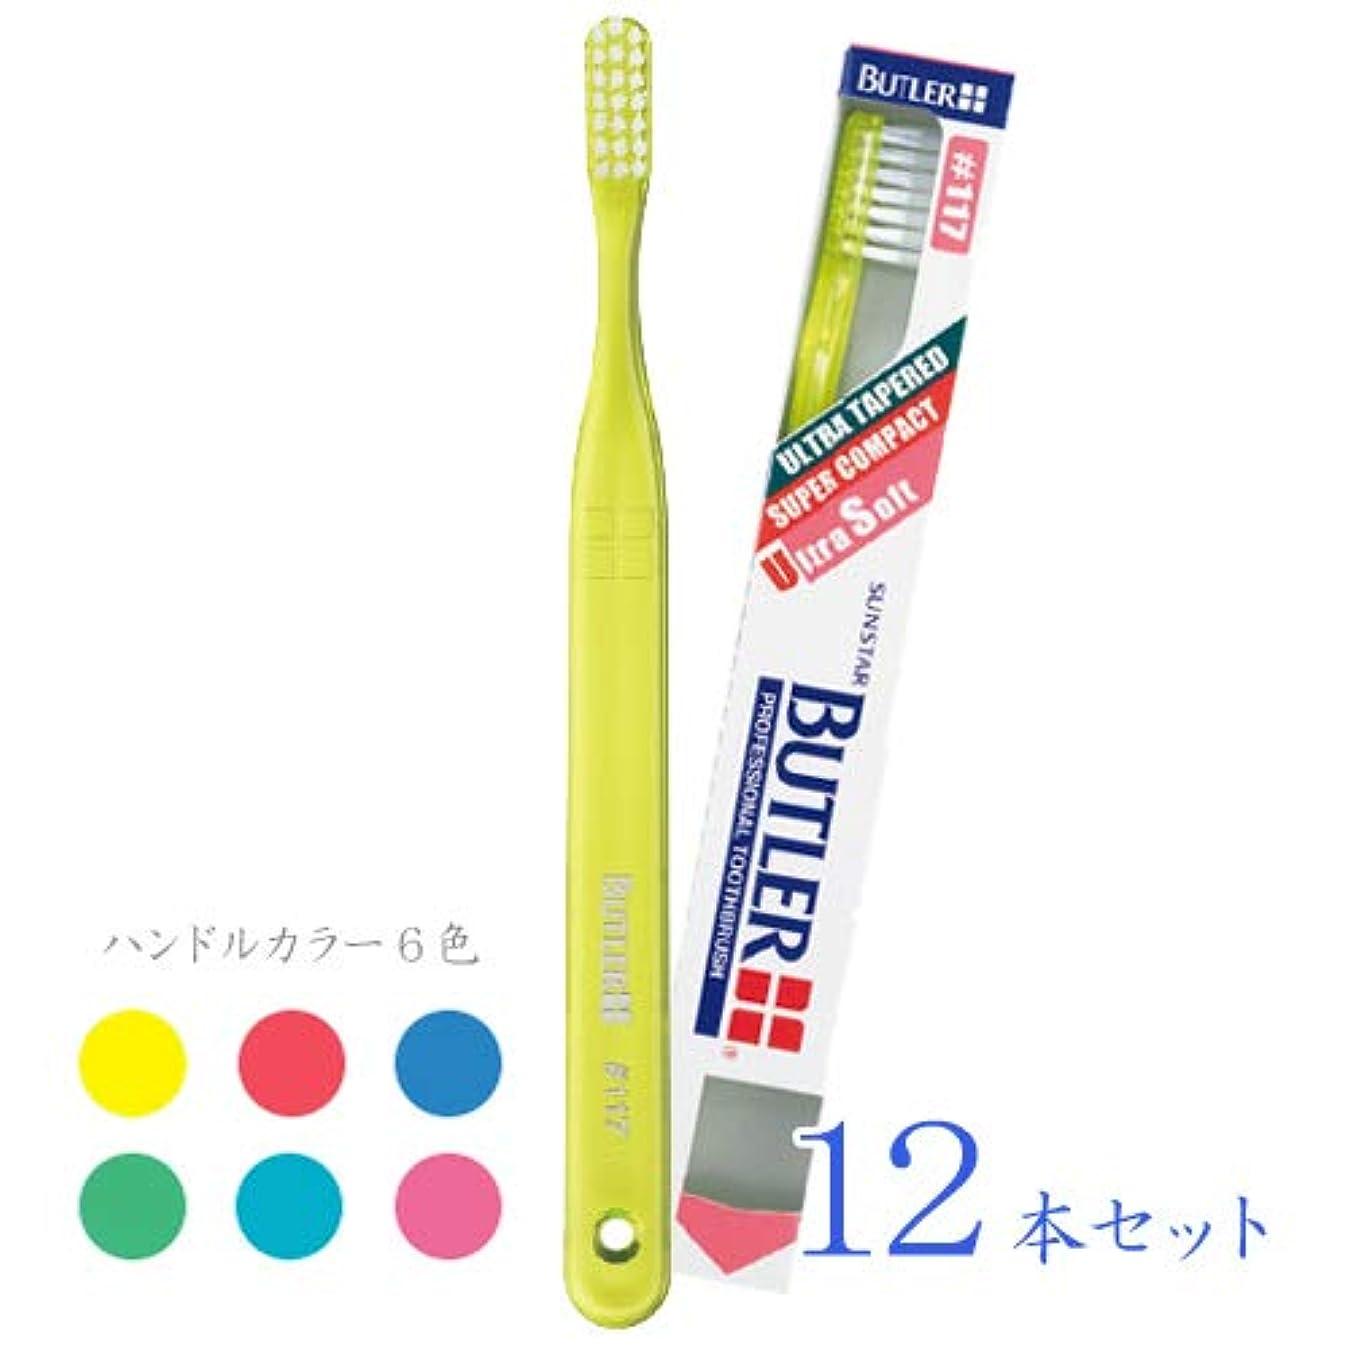 部屋を掃除するさらにバッテリー【サンスター/バトラー】【歯科用】バトラー歯ブラシ #117 12本【歯ブラシ】【やわらかめ】【スーパーコンパクトヘッド】ハンドルカラー6色(アソート)一般用(3列フラット)